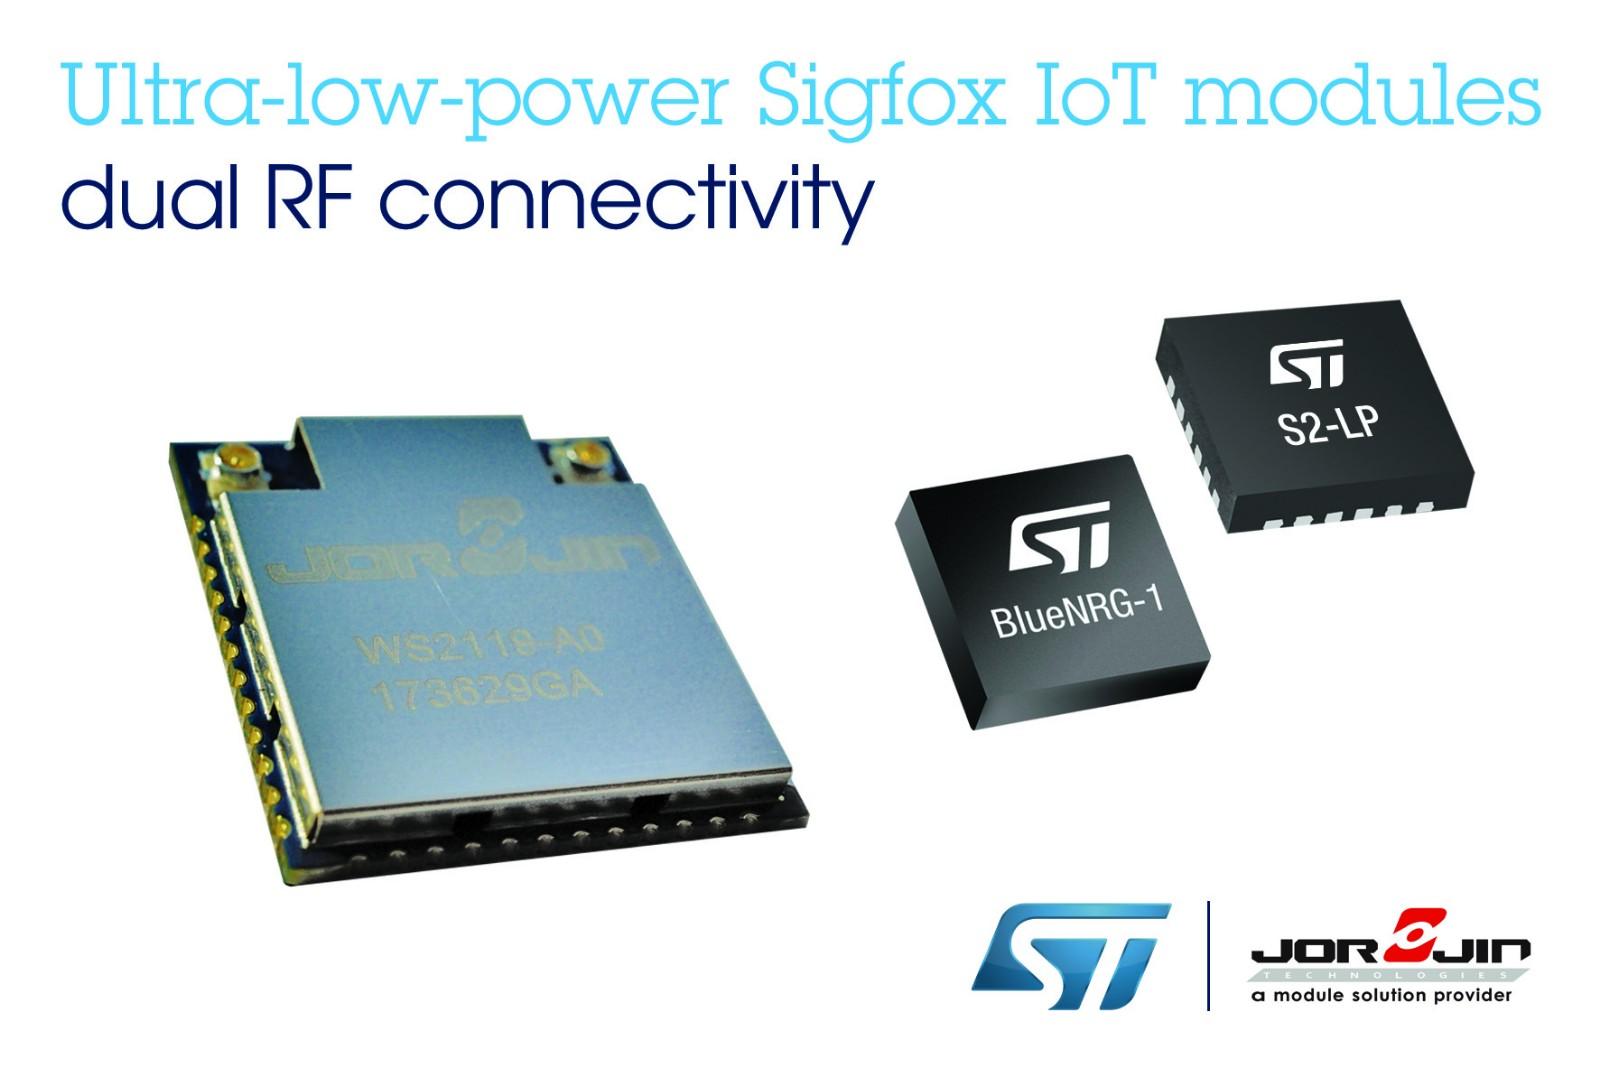 意法半导体与佐臻联合推出低功耗Sigfox与BLE双功能无线模块